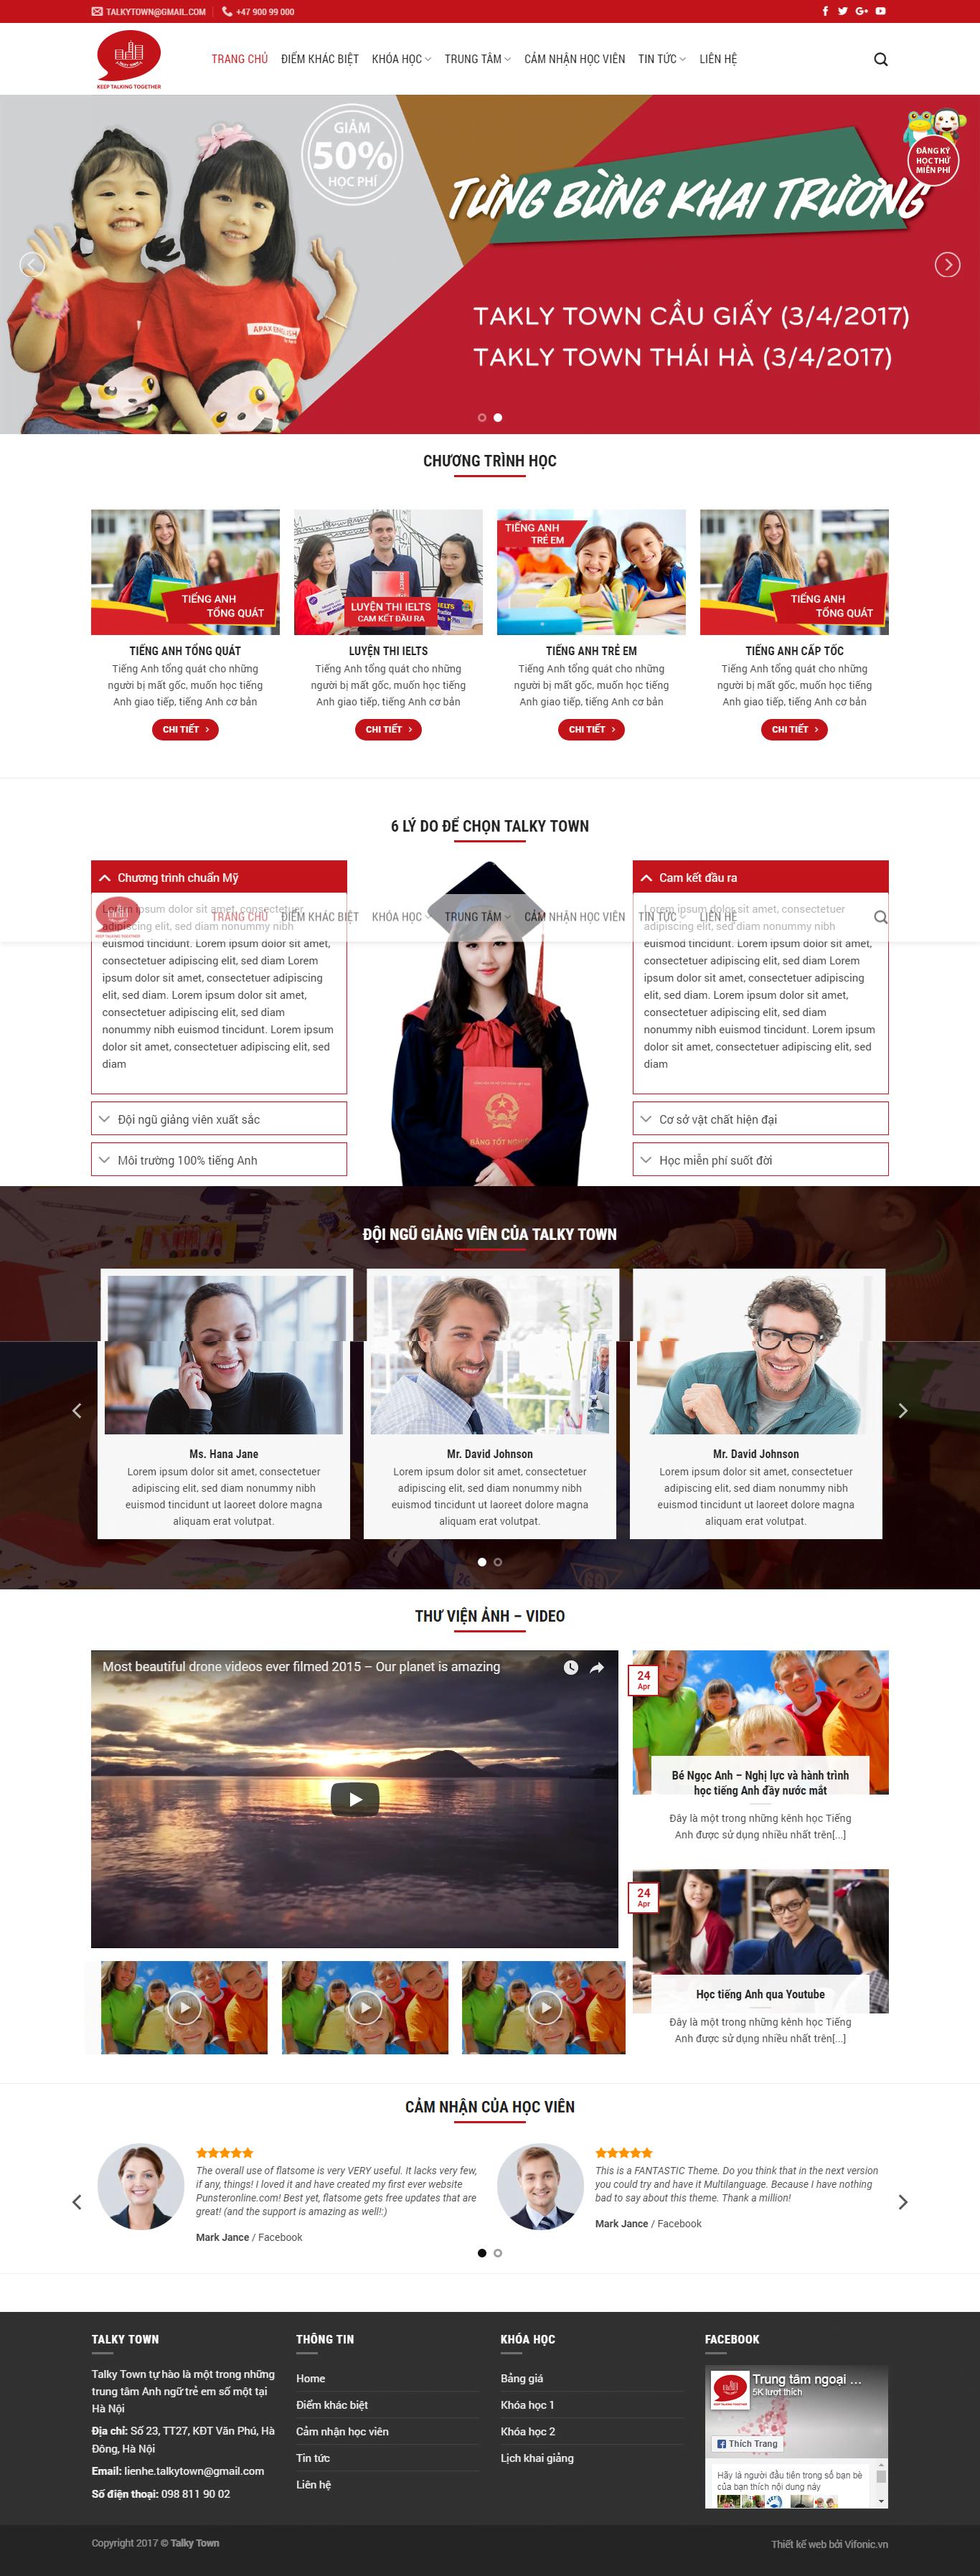 Website trung tâm tiếng anh